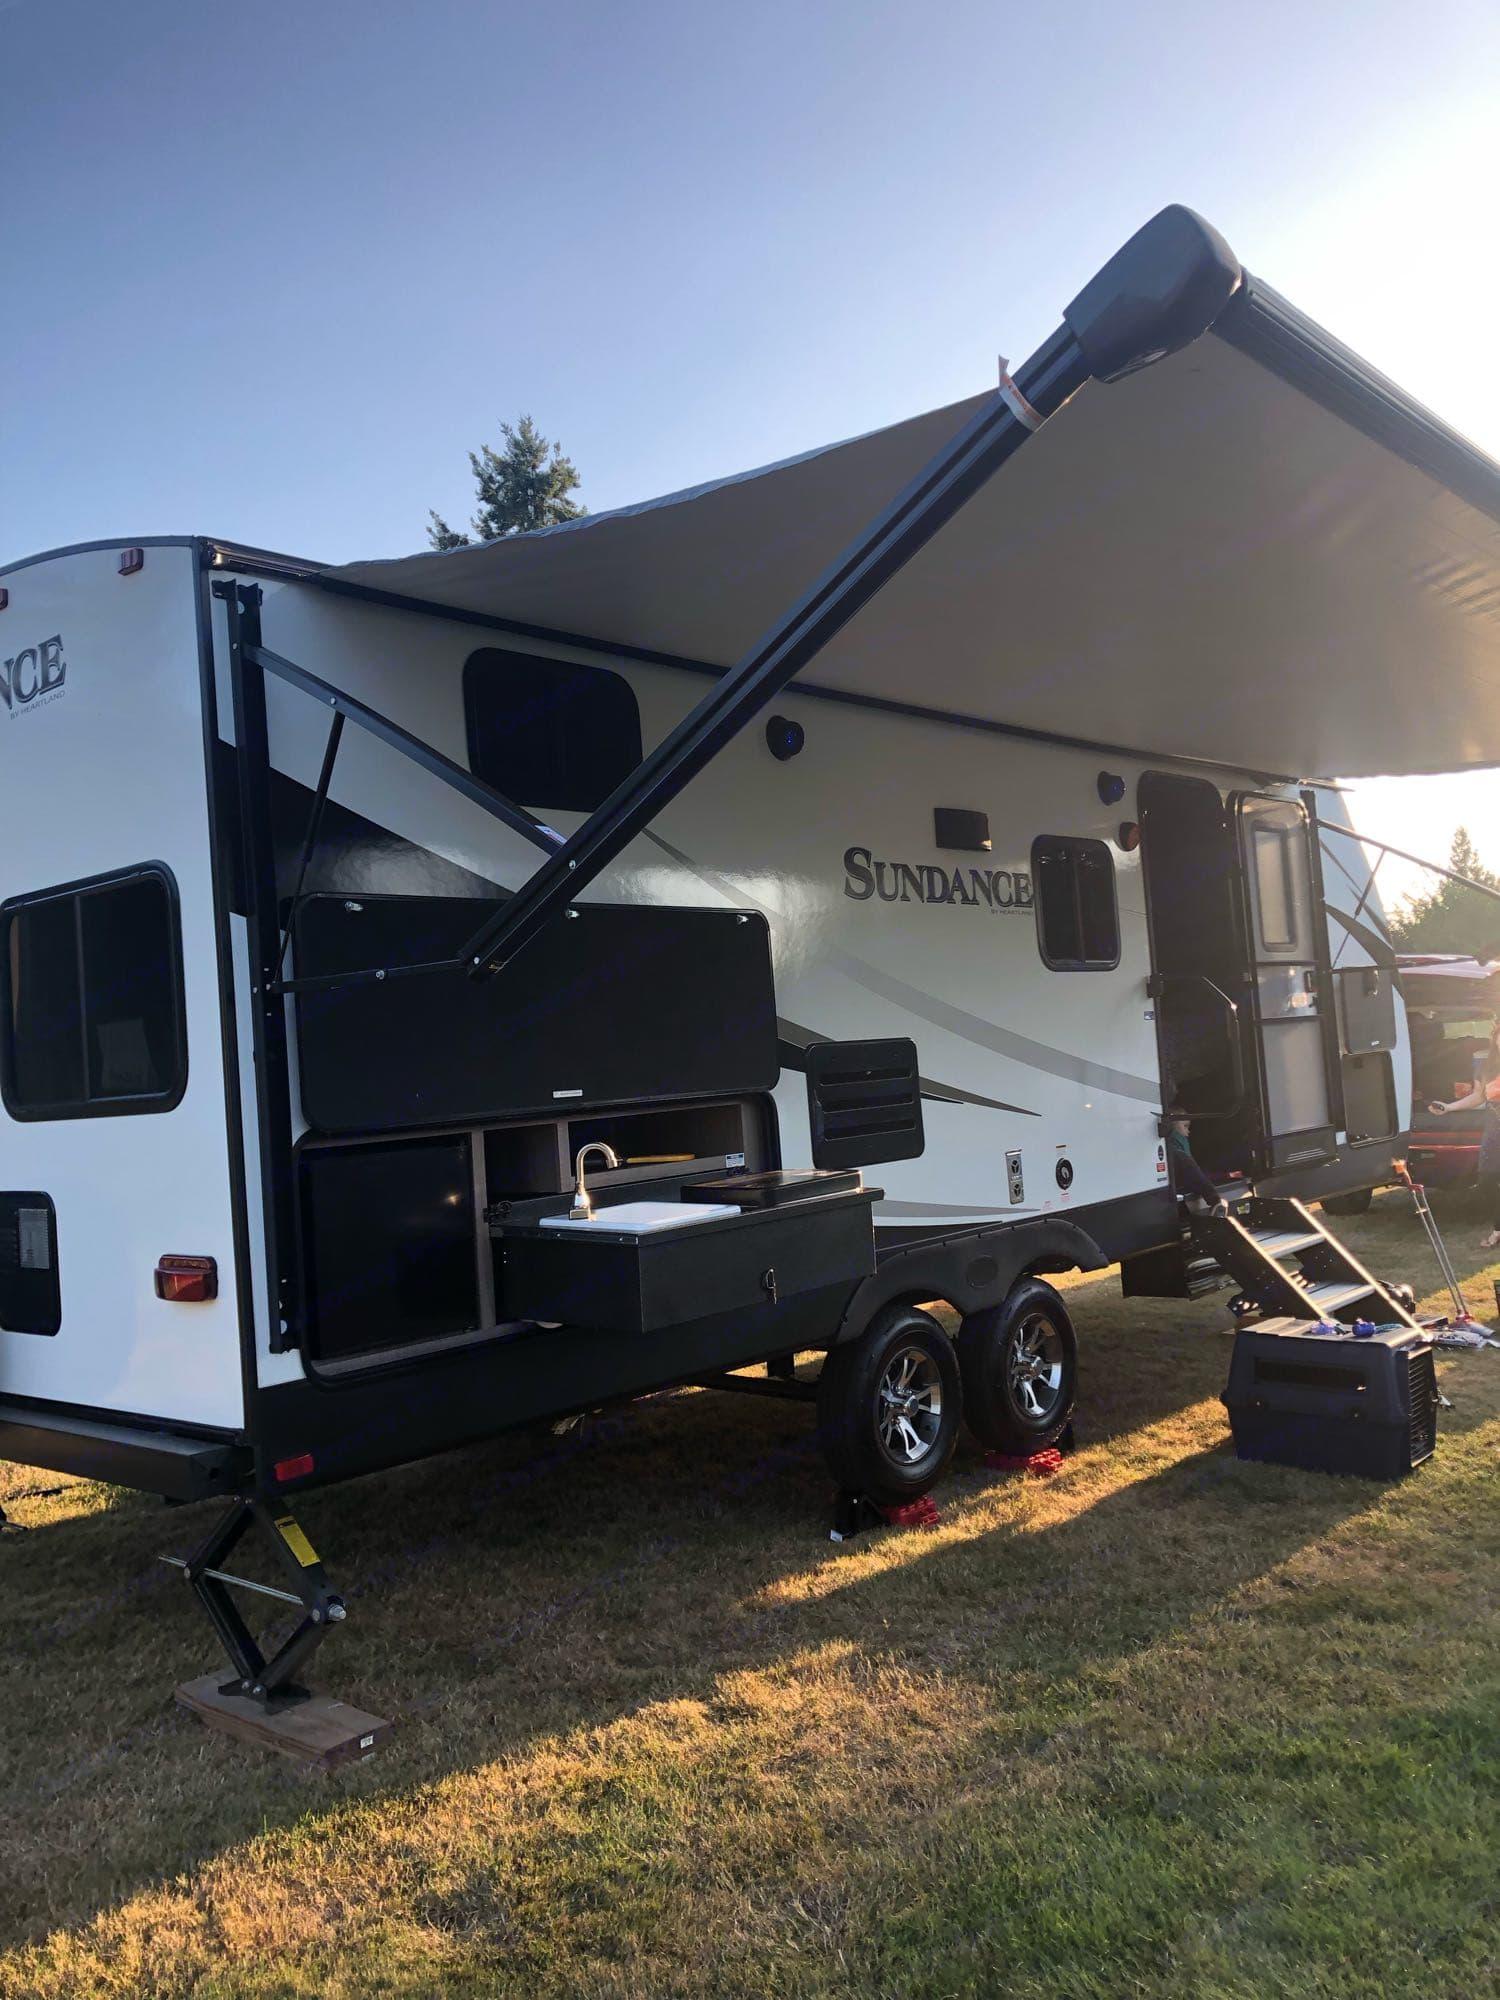 outdoor kitchen. Heartland Sundance 2019